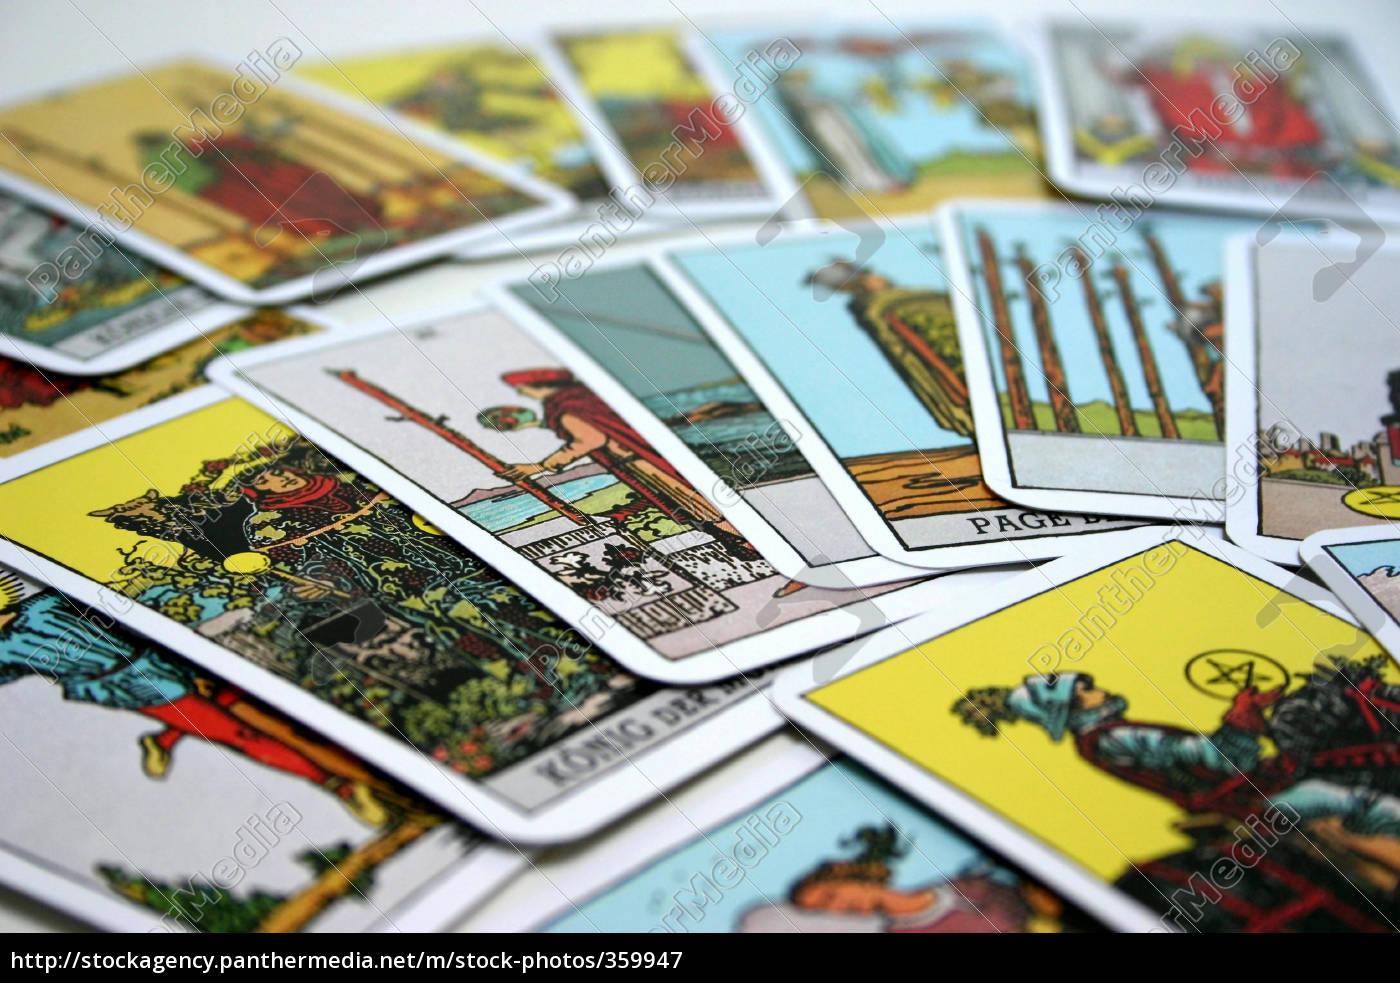 tarot, cards, (6) - 359947